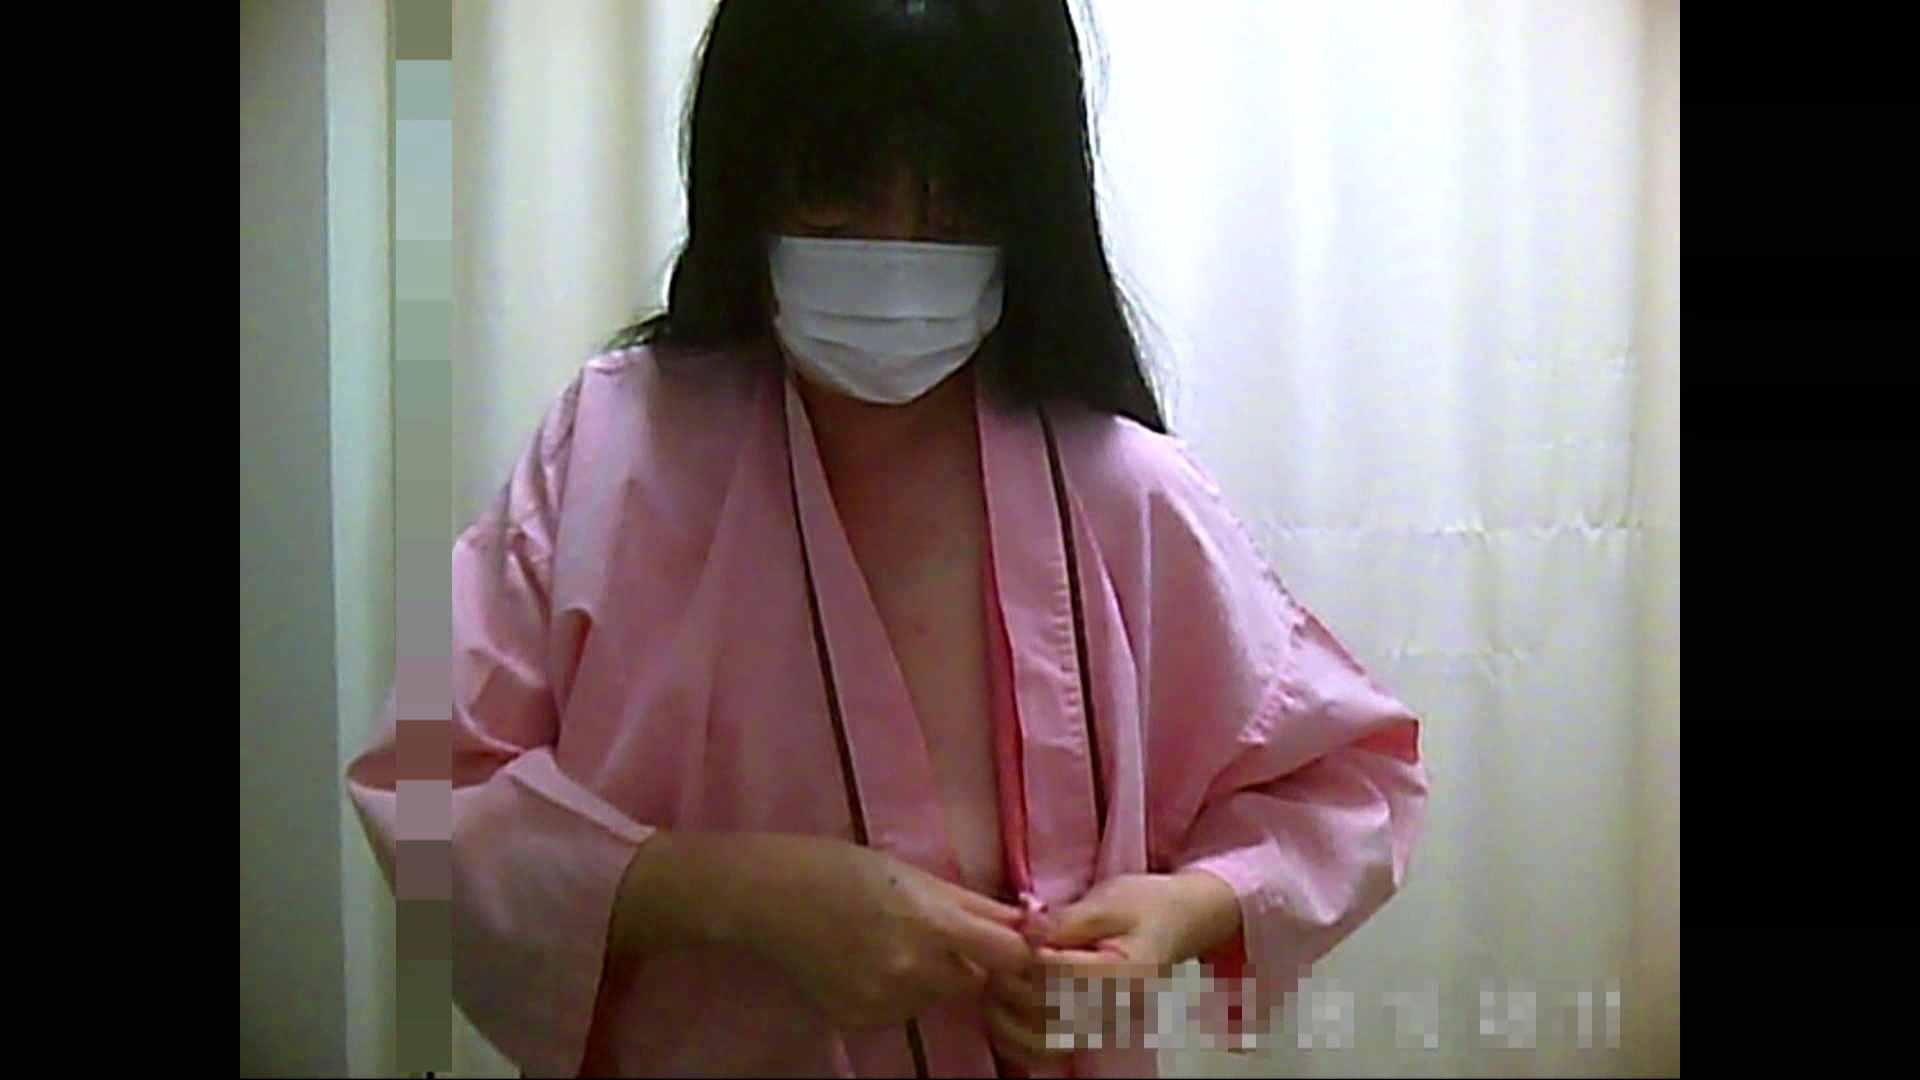 元医者による反抗 更衣室地獄絵巻 vol.148 エッチすぎるOL達 | 0  101連発 85